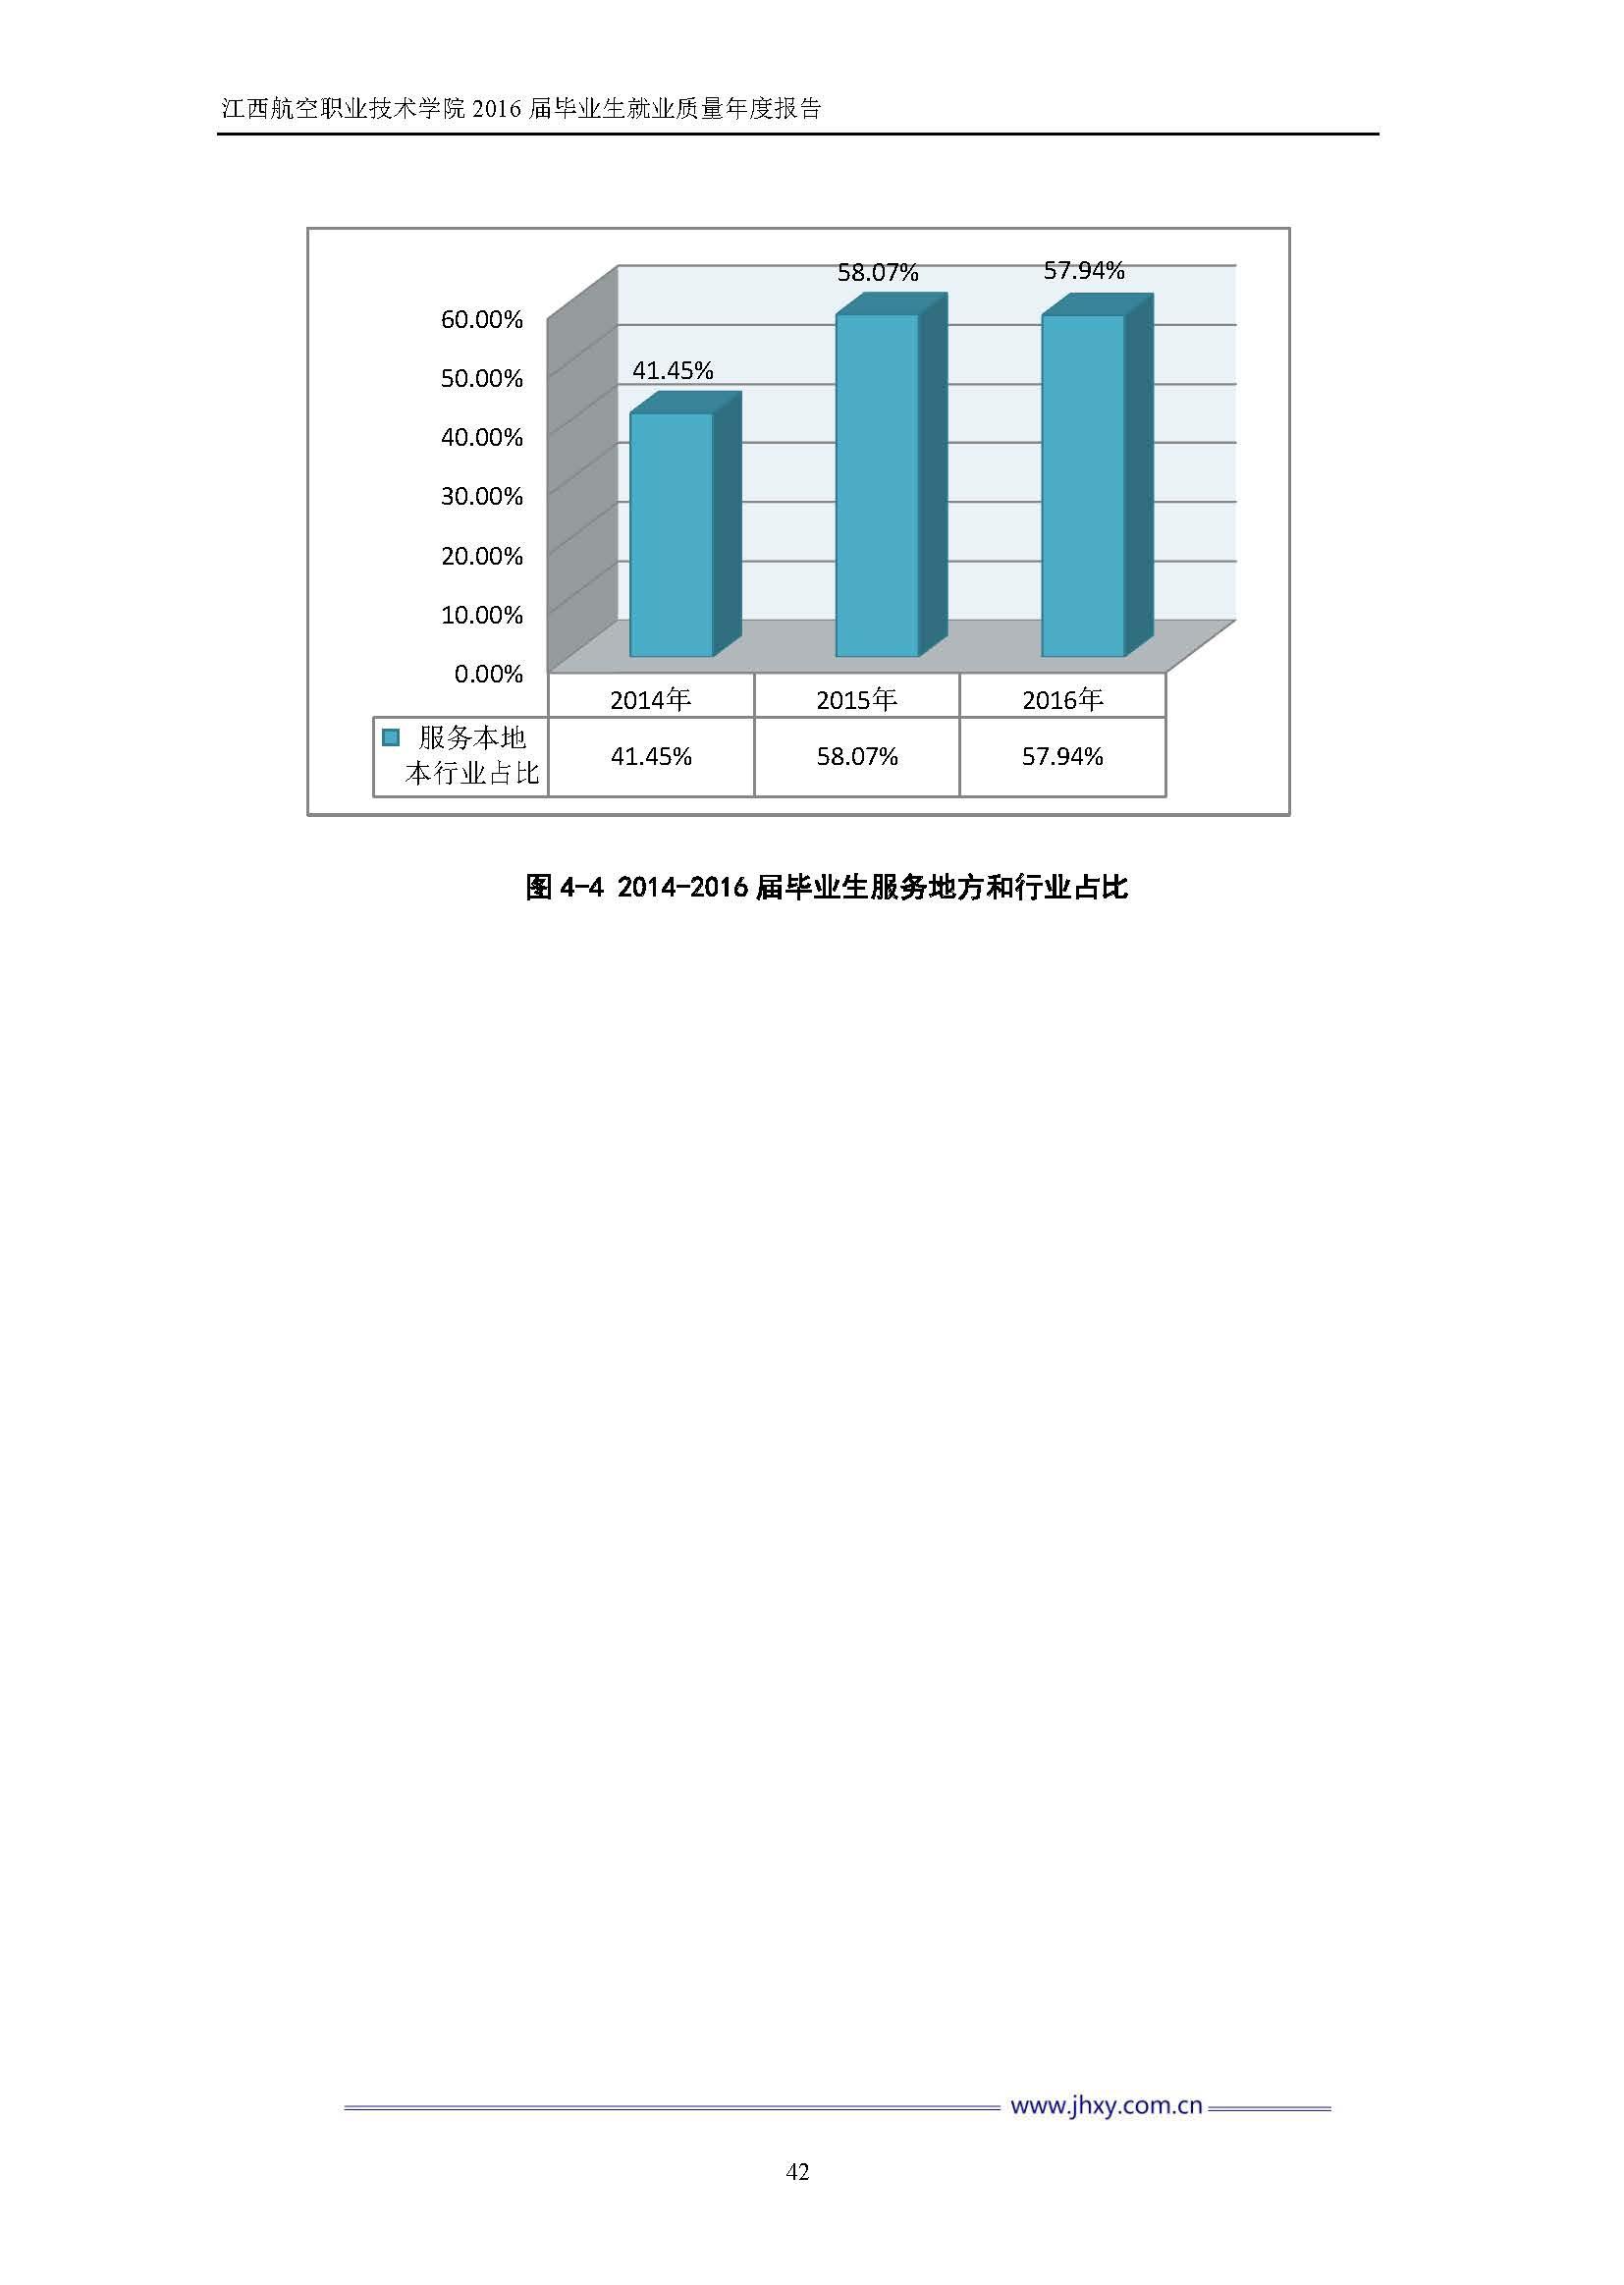 江西航空职业技术学院2016届毕业生就业质量年度报告_Page_49.jpg